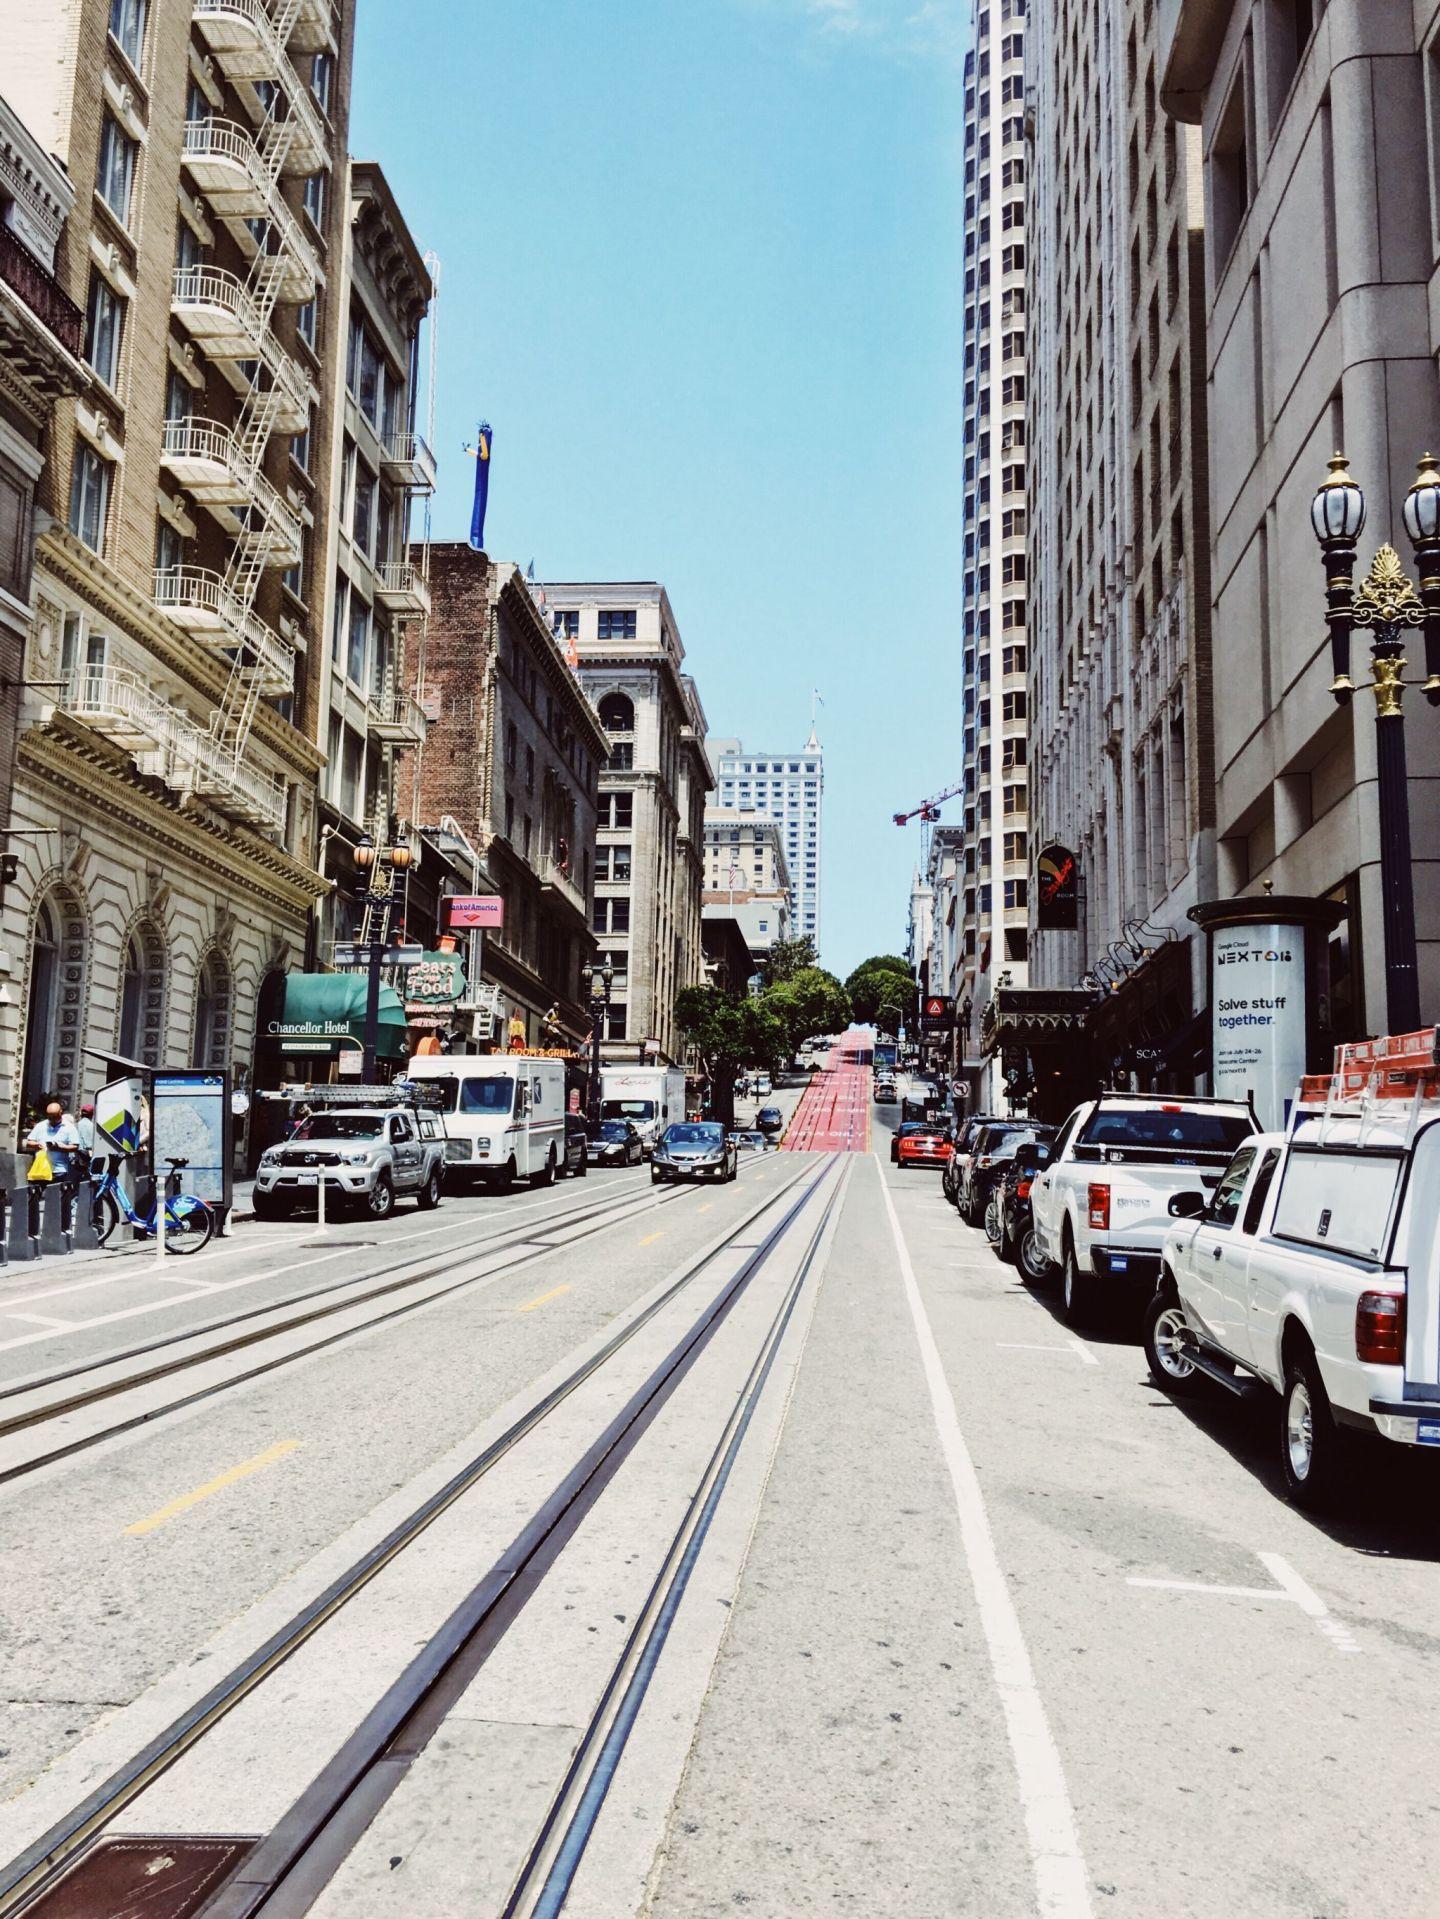 Die Marina/ Chestnut Street Gegend in San Francisco - Nowshine ü40 Reiseblog - Strassen